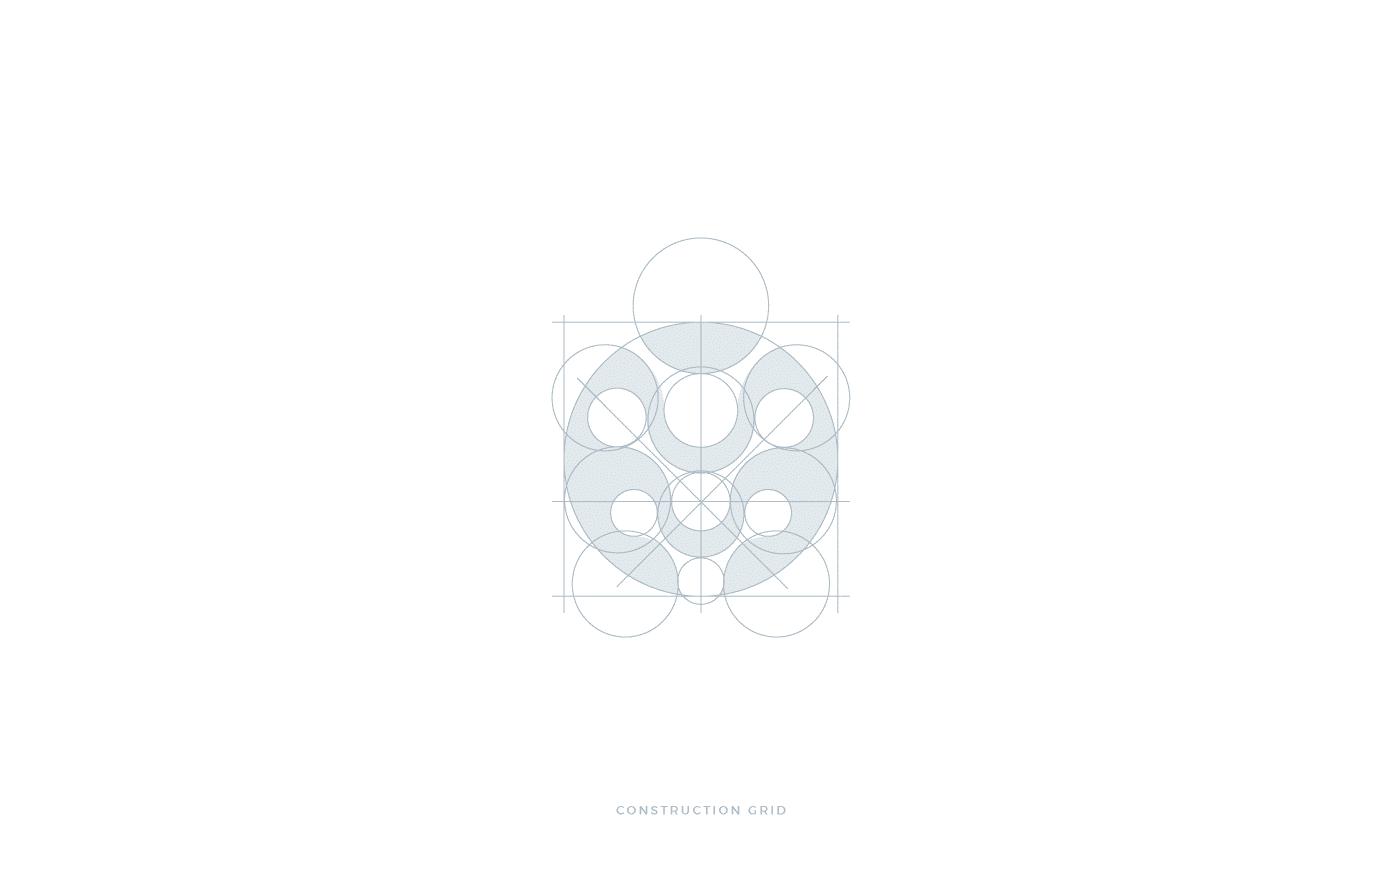 Altermedica griglia costruzione logo